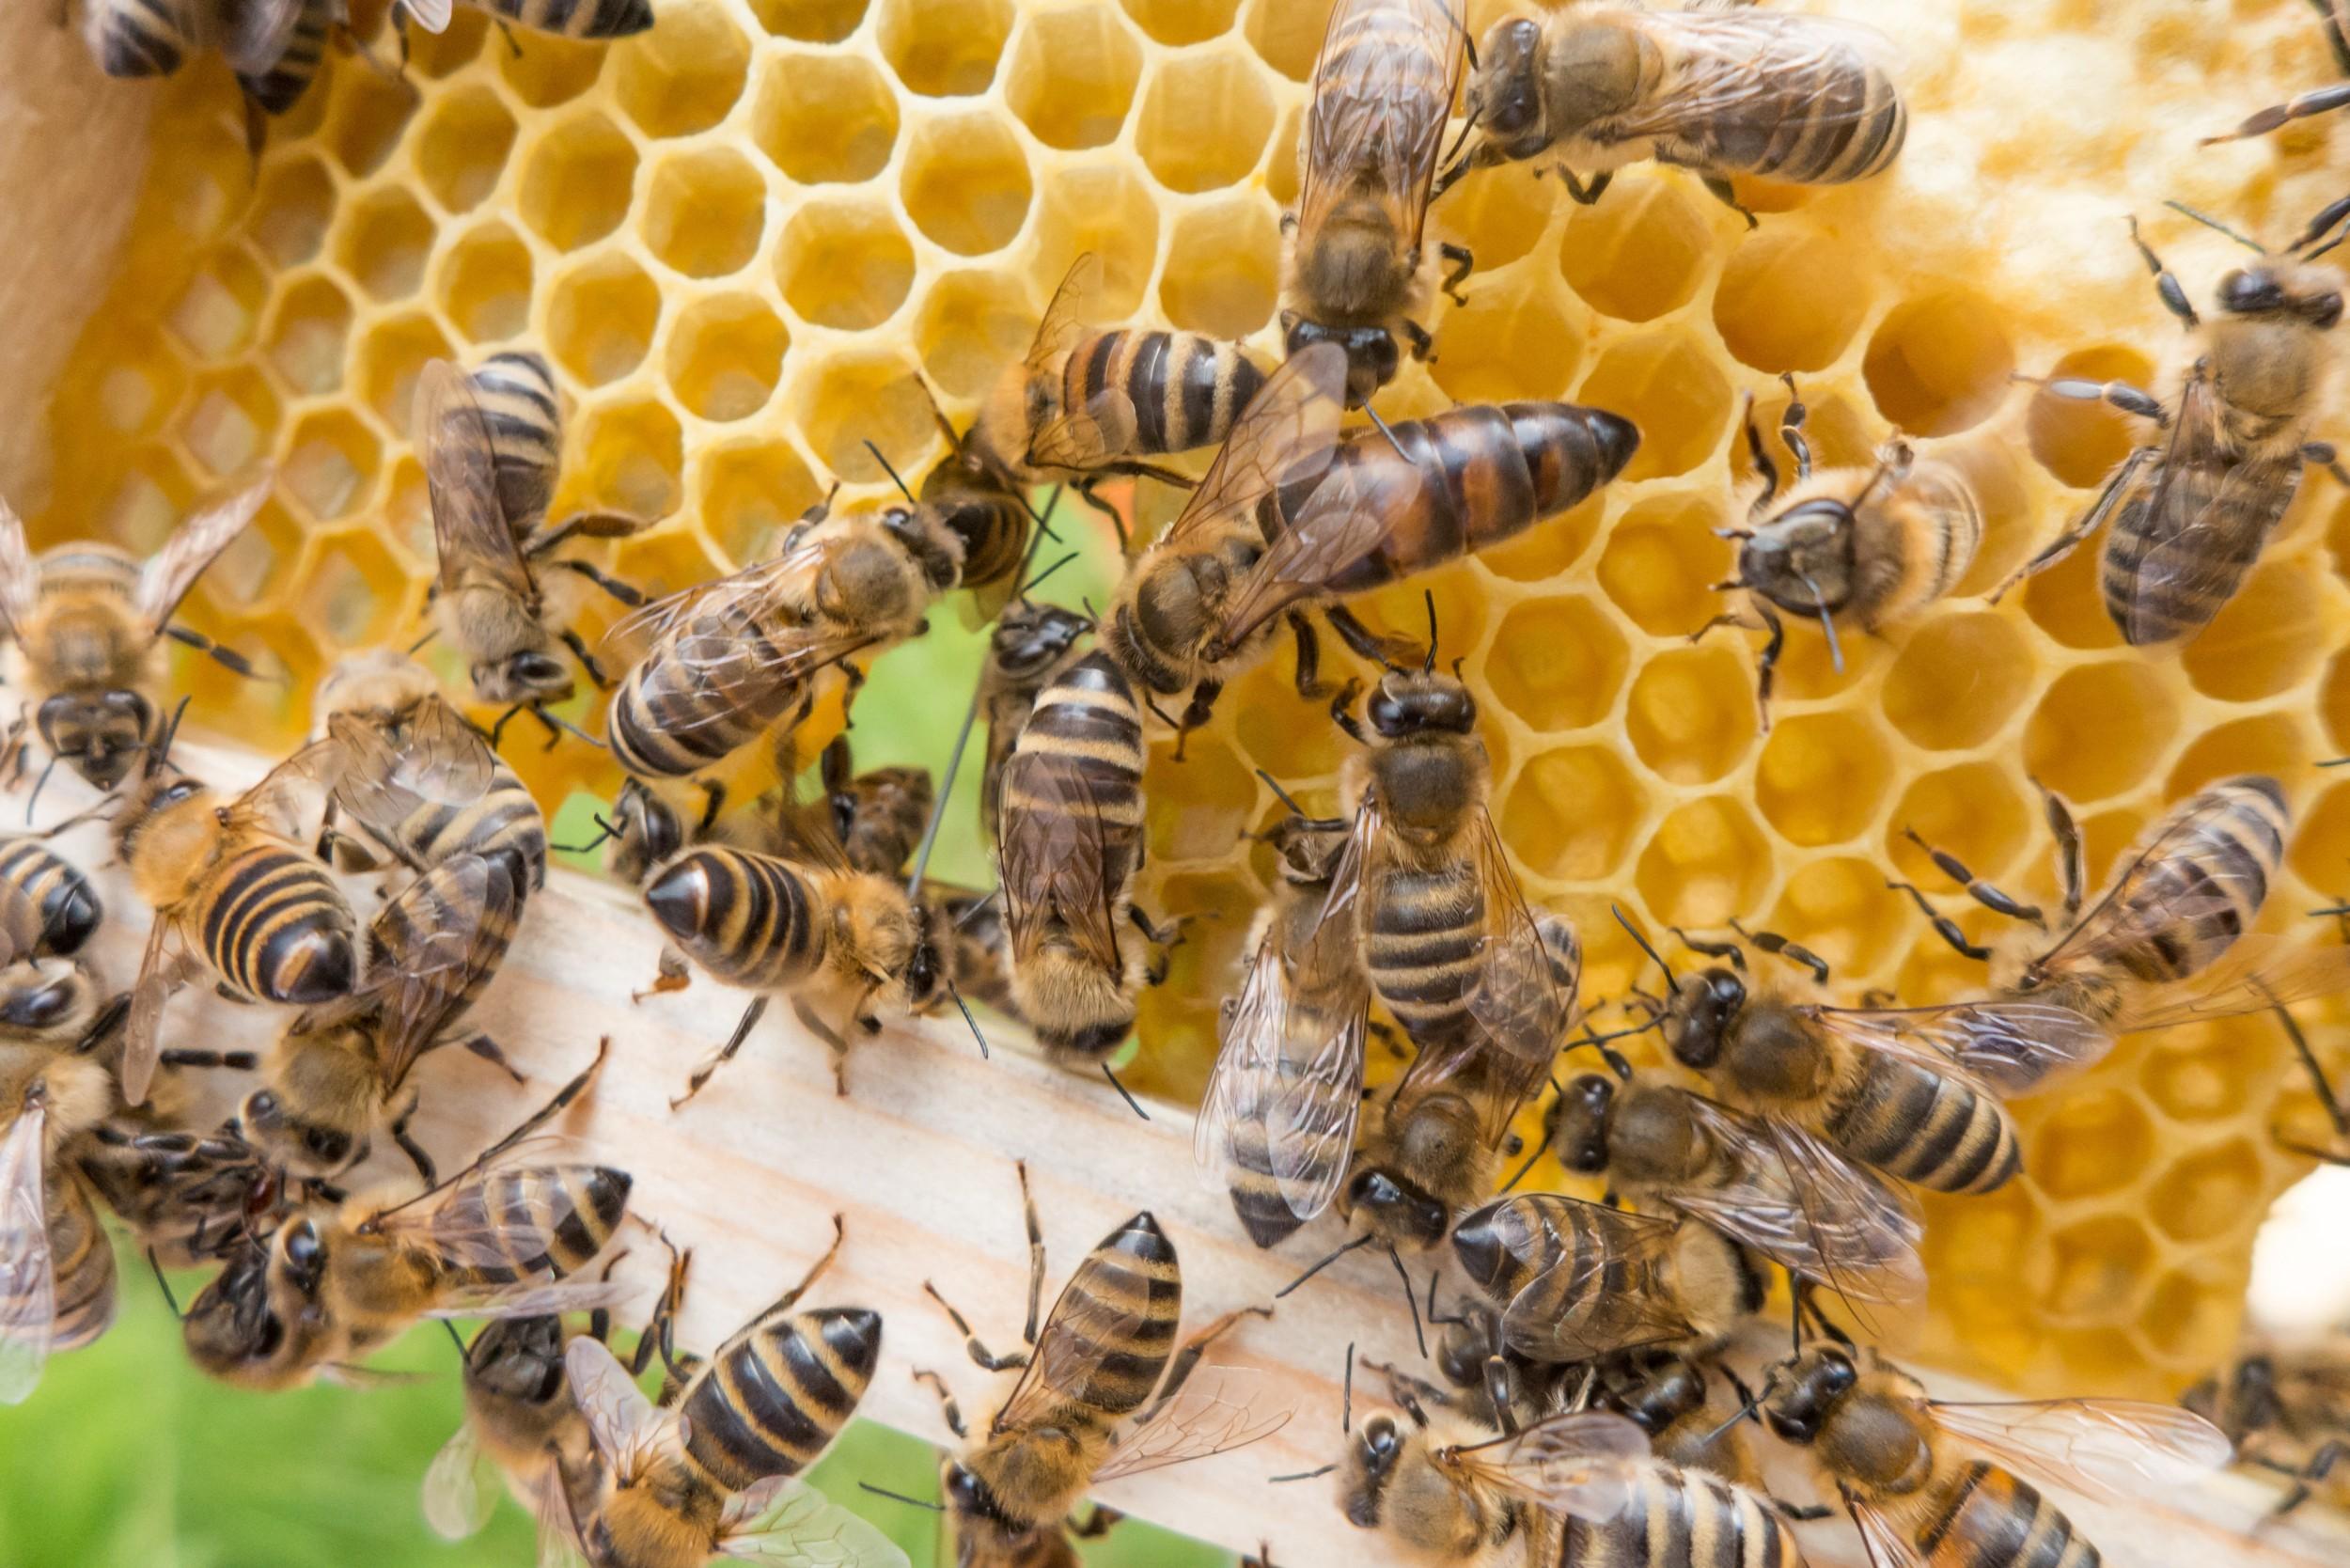 Abelha - rainha, zangão e operárias - tipos de abelhas e